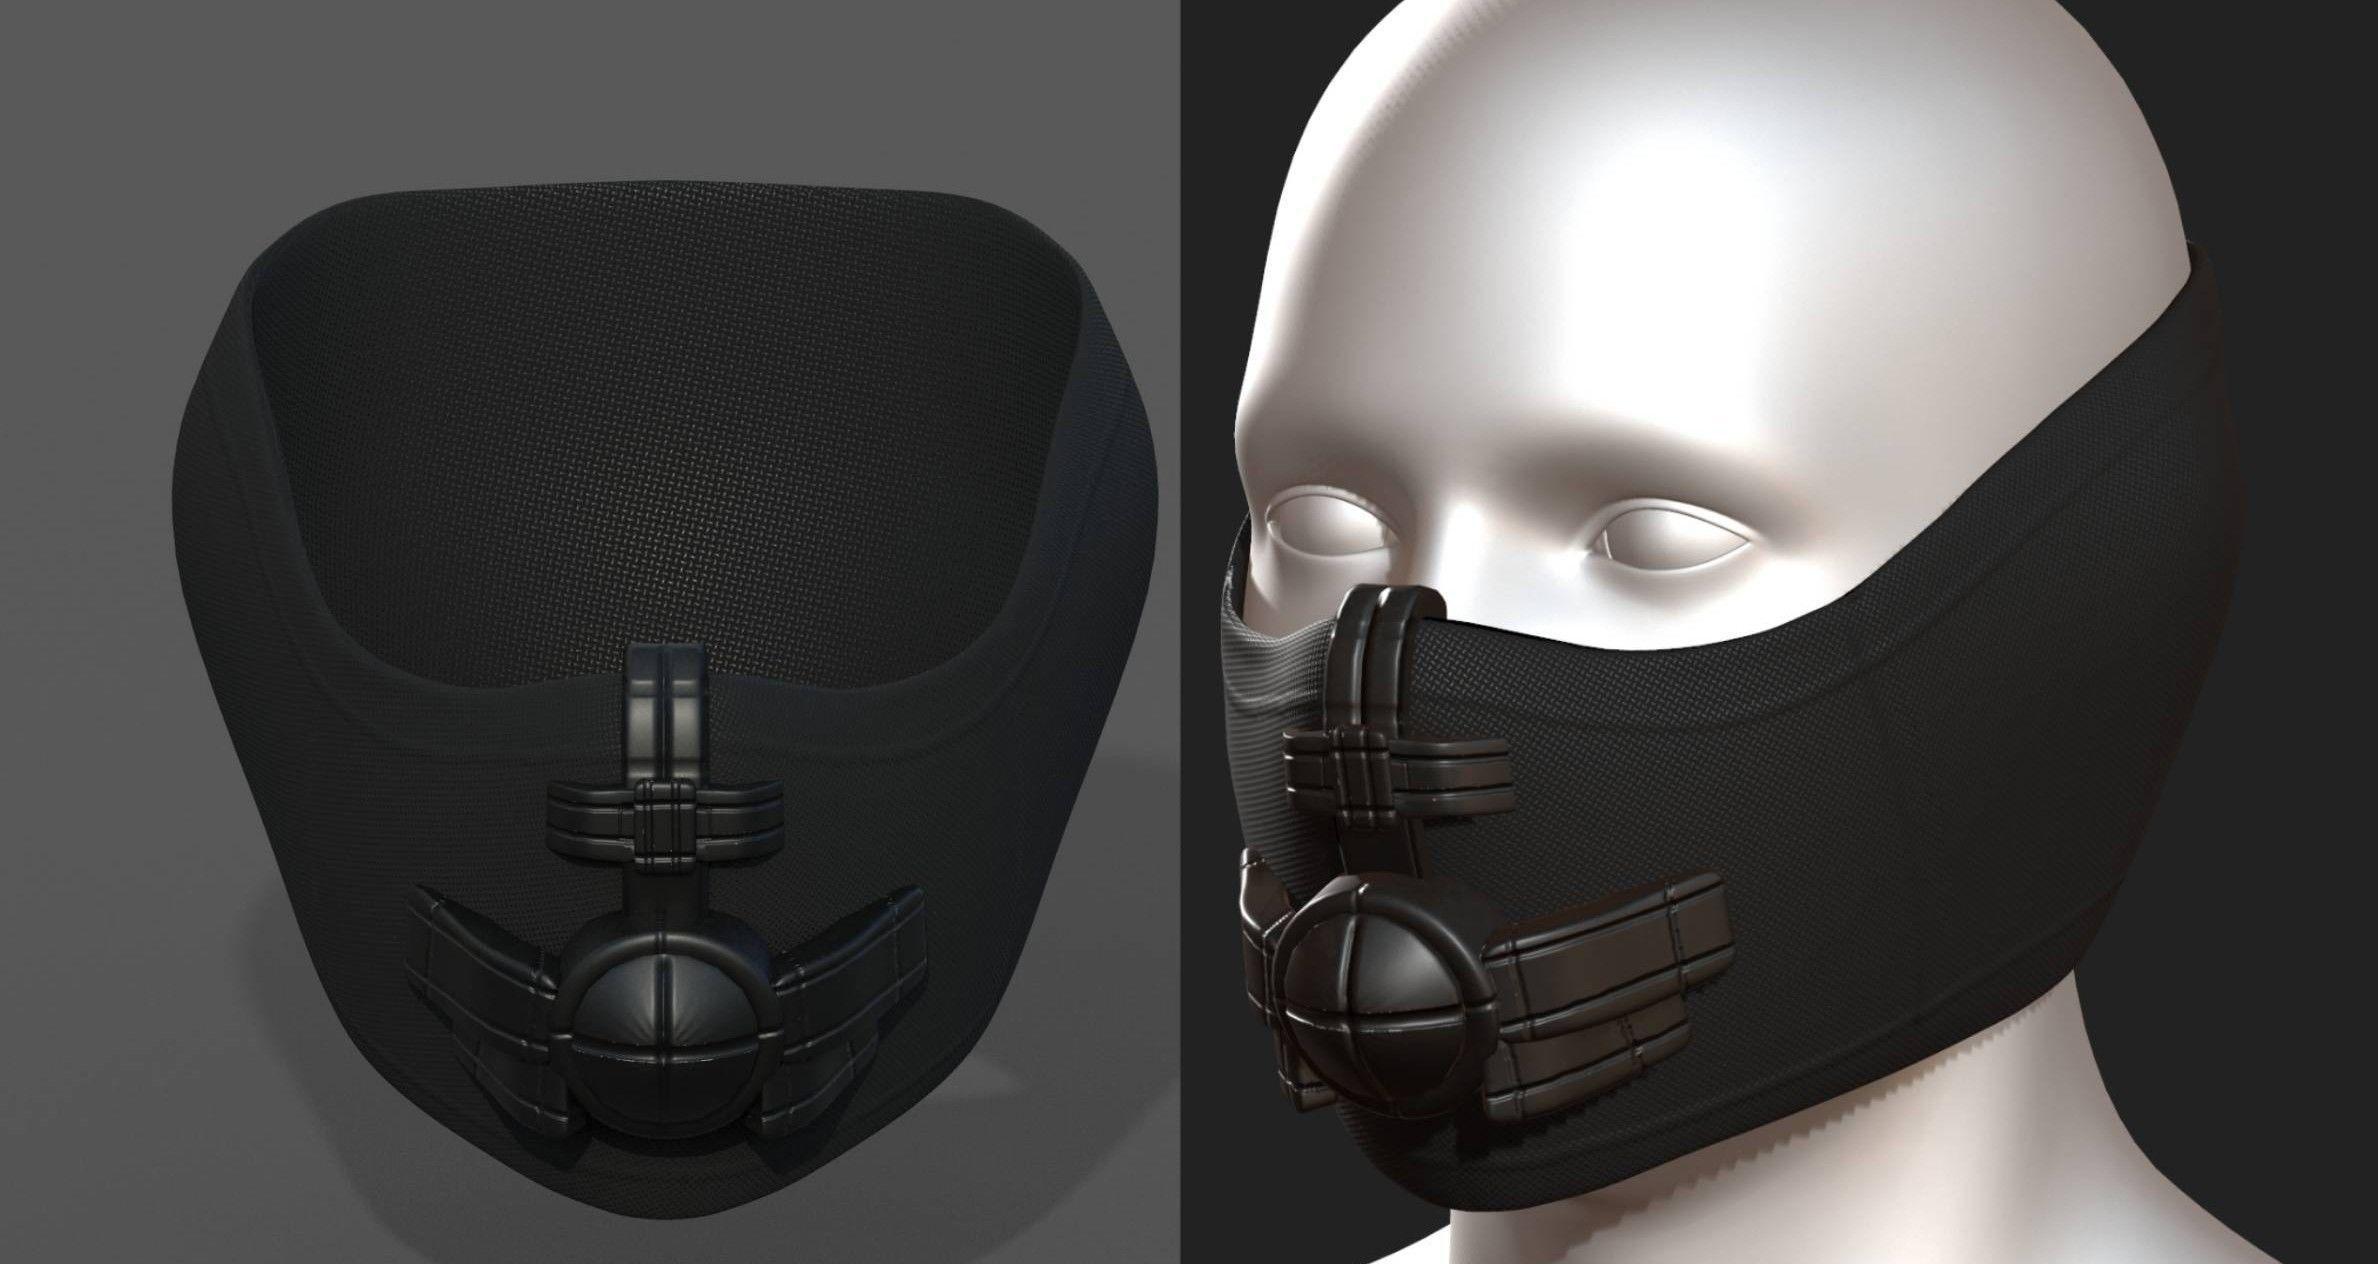 Helmet scifi fantasy futuristic military combat